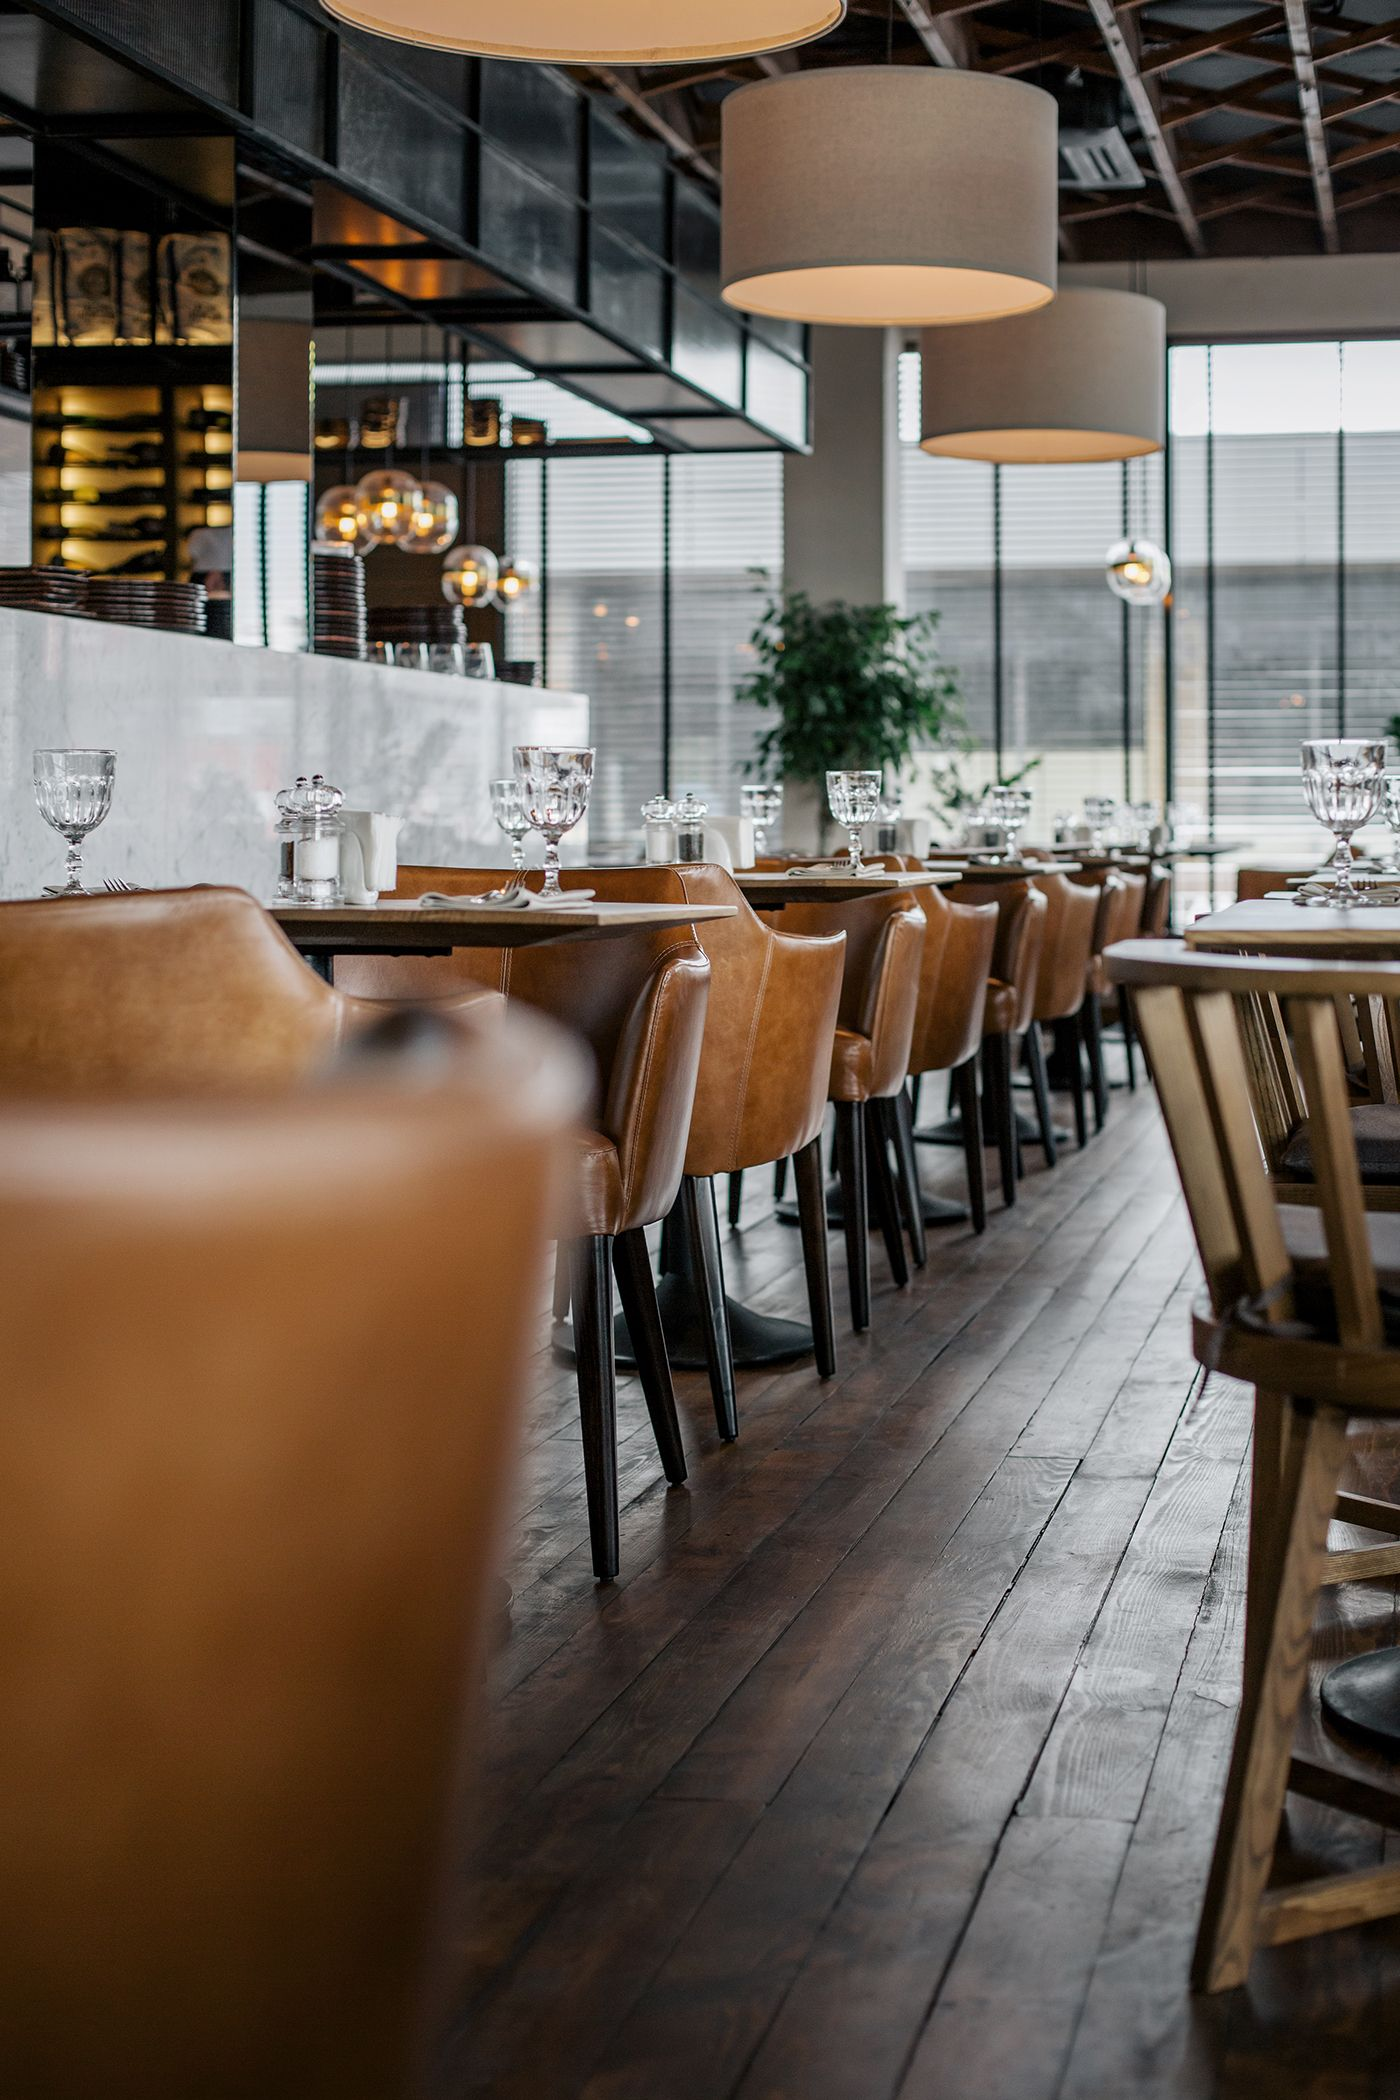 Semifreddo restaurant on behance restaurant consulting restaurant design cafe restaurant spotlights hospitality